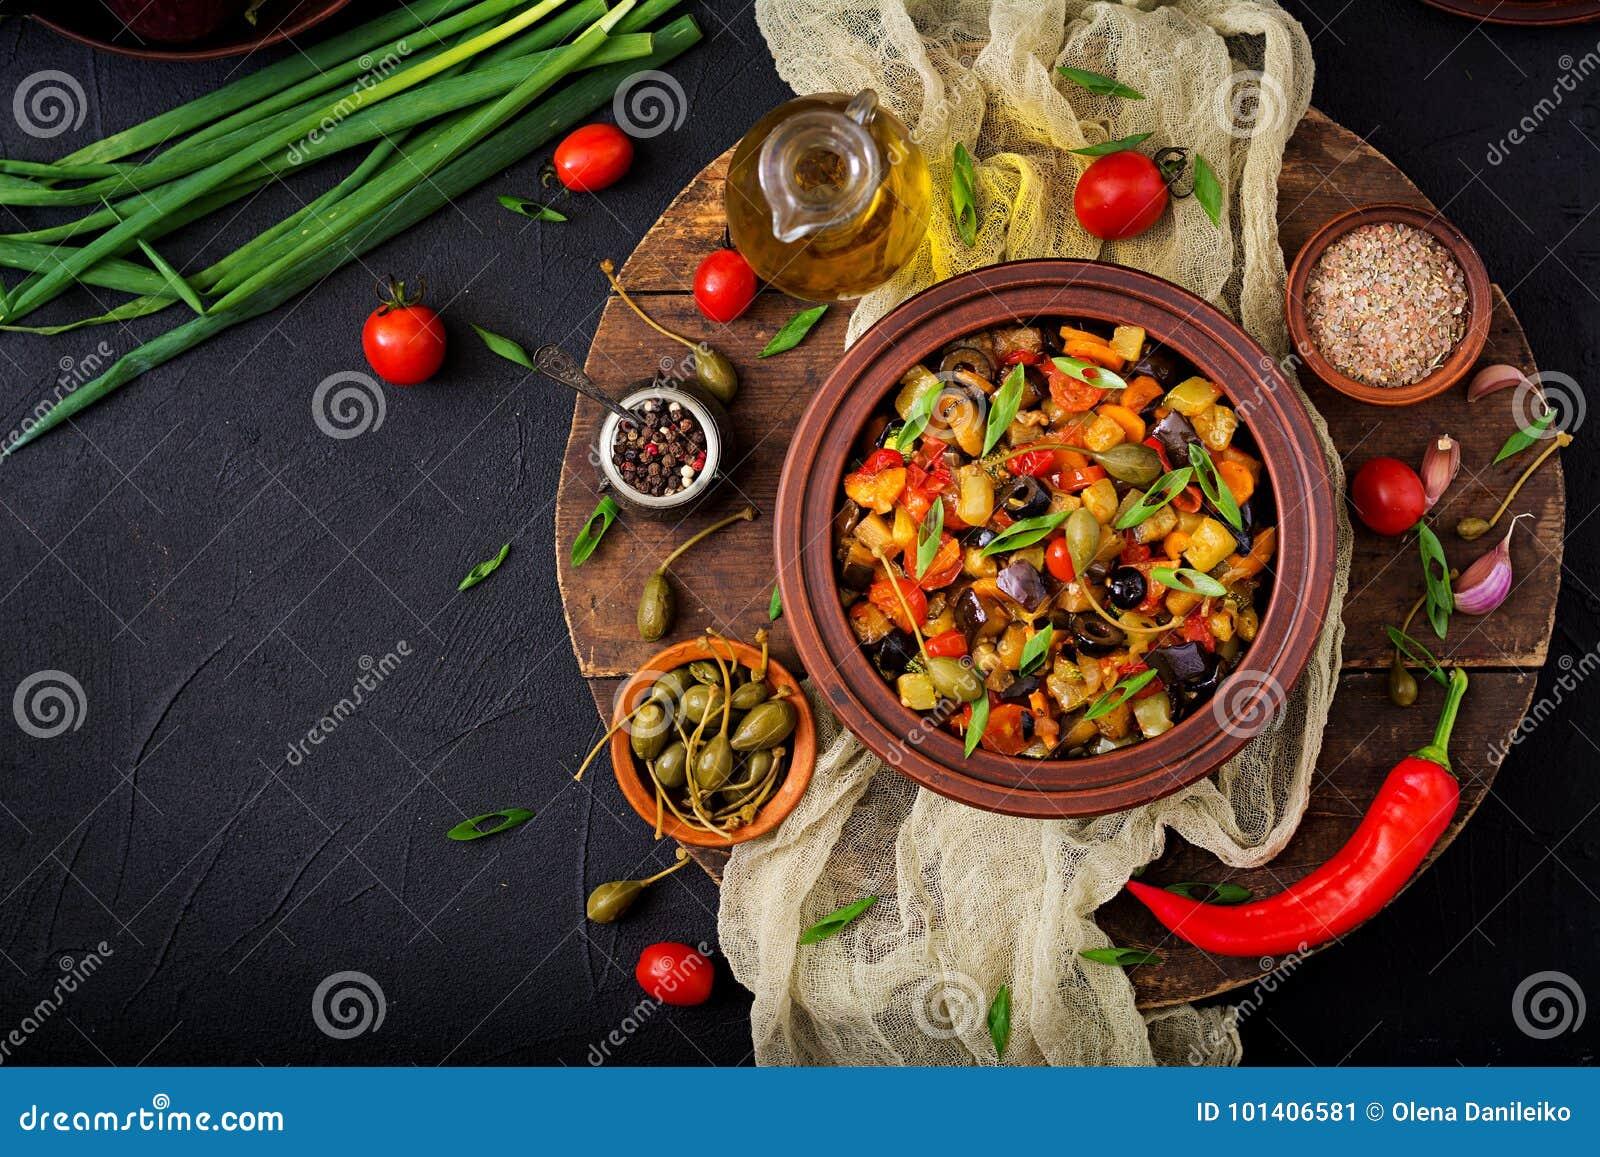 Καυτή πικάντικη stew μελιτζάνα caponata, κολοκύθια, γλυκό πιπέρι, ντομάτα, καρότο, κρεμμύδι, ελιές και κάπαρες